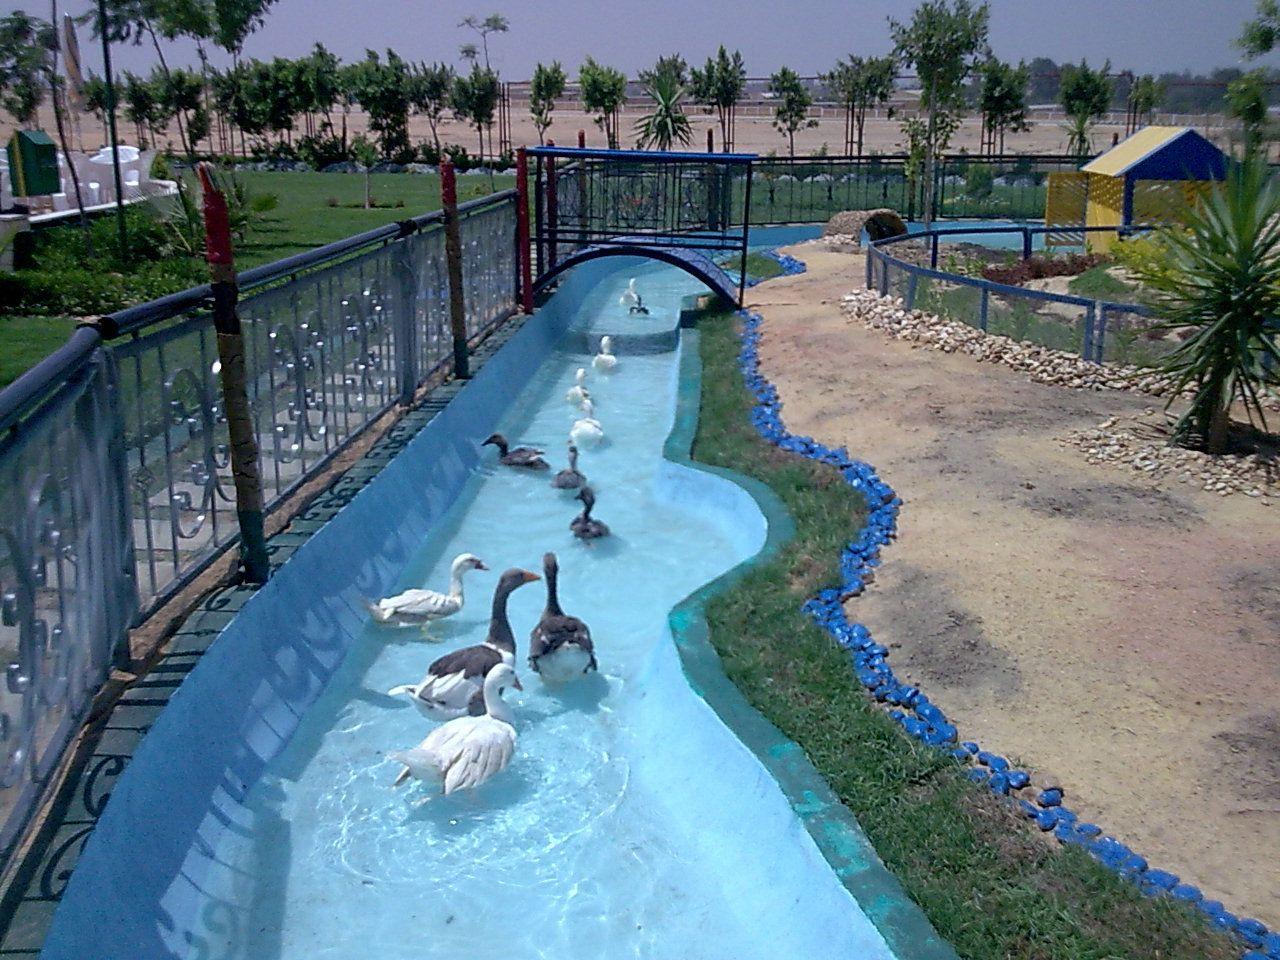 duck pool | MH - Ducks | Duck coop, Duck enclosure, Duck pens